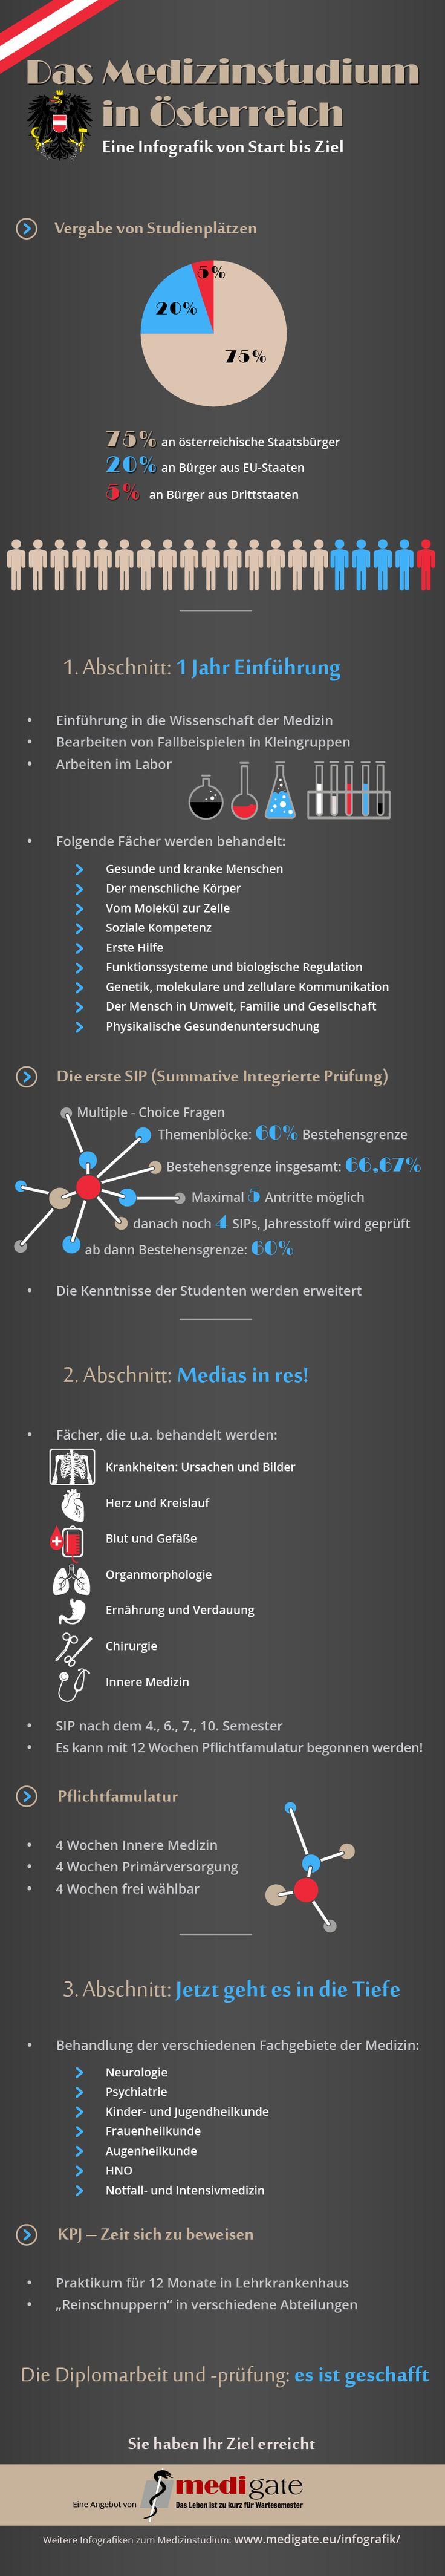 Aufbau und Struktur des Studiums der Medizin in Österreich - einfach erklärt in deutscher Sprache.